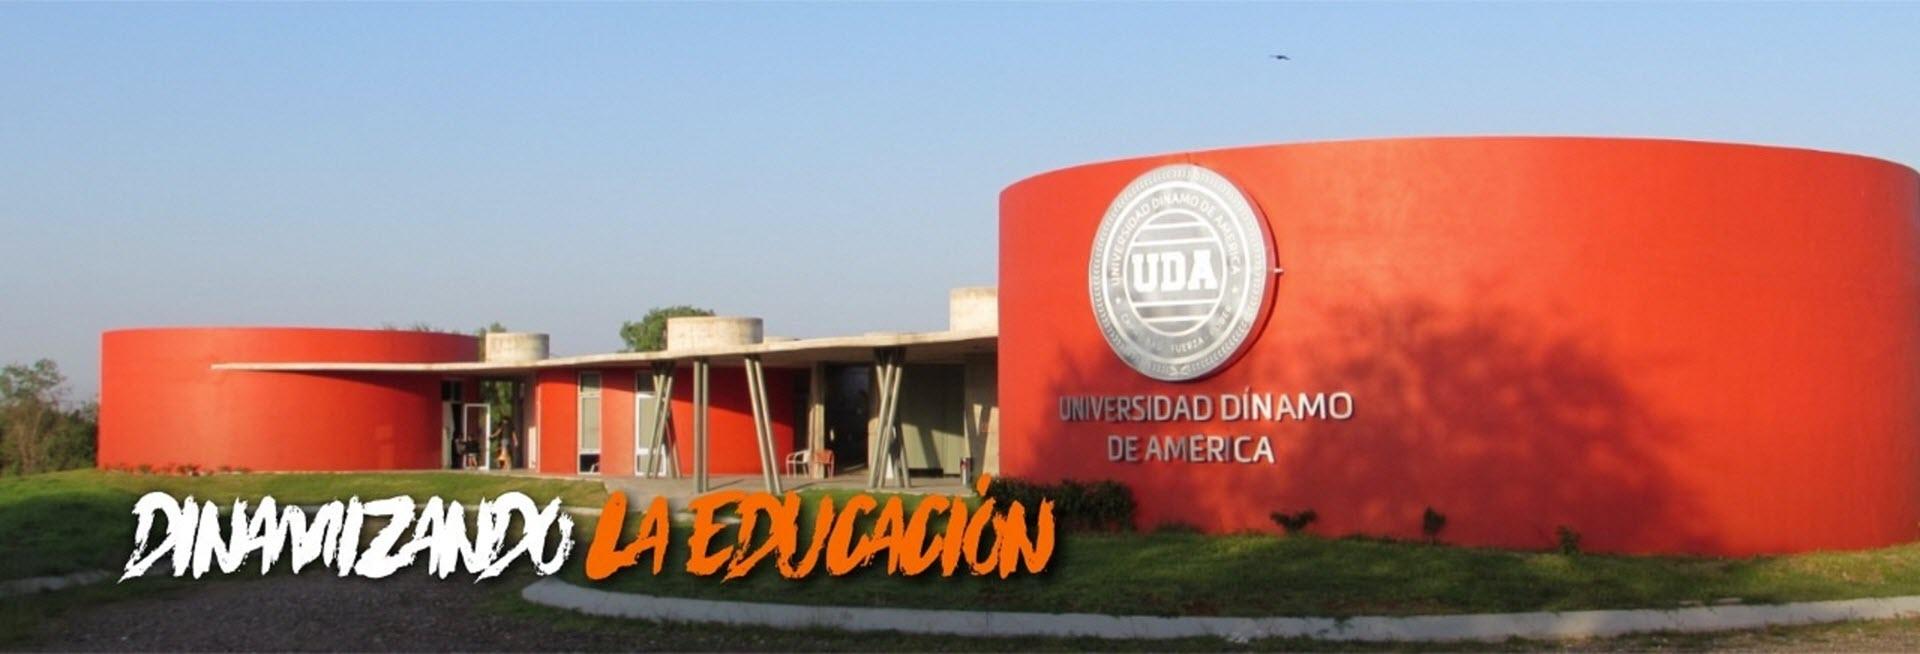 Universidad Dinamo de America Slogan